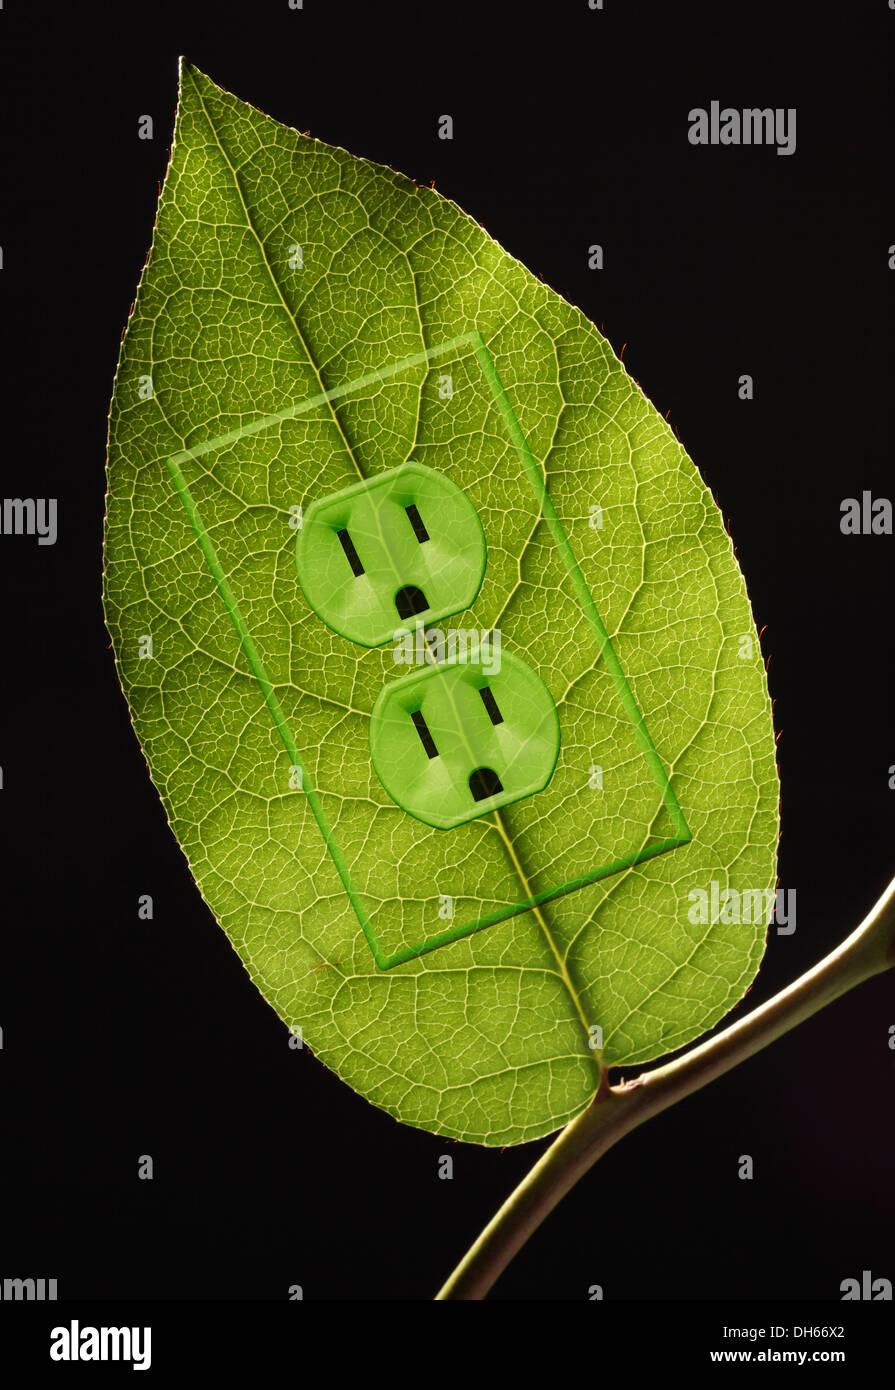 Eine grüne Pflanze Blatt auf einem Zweig mit grünen farbigen Steckdosen hinzugefügt. Schwarzem Hintergrund Stockbild